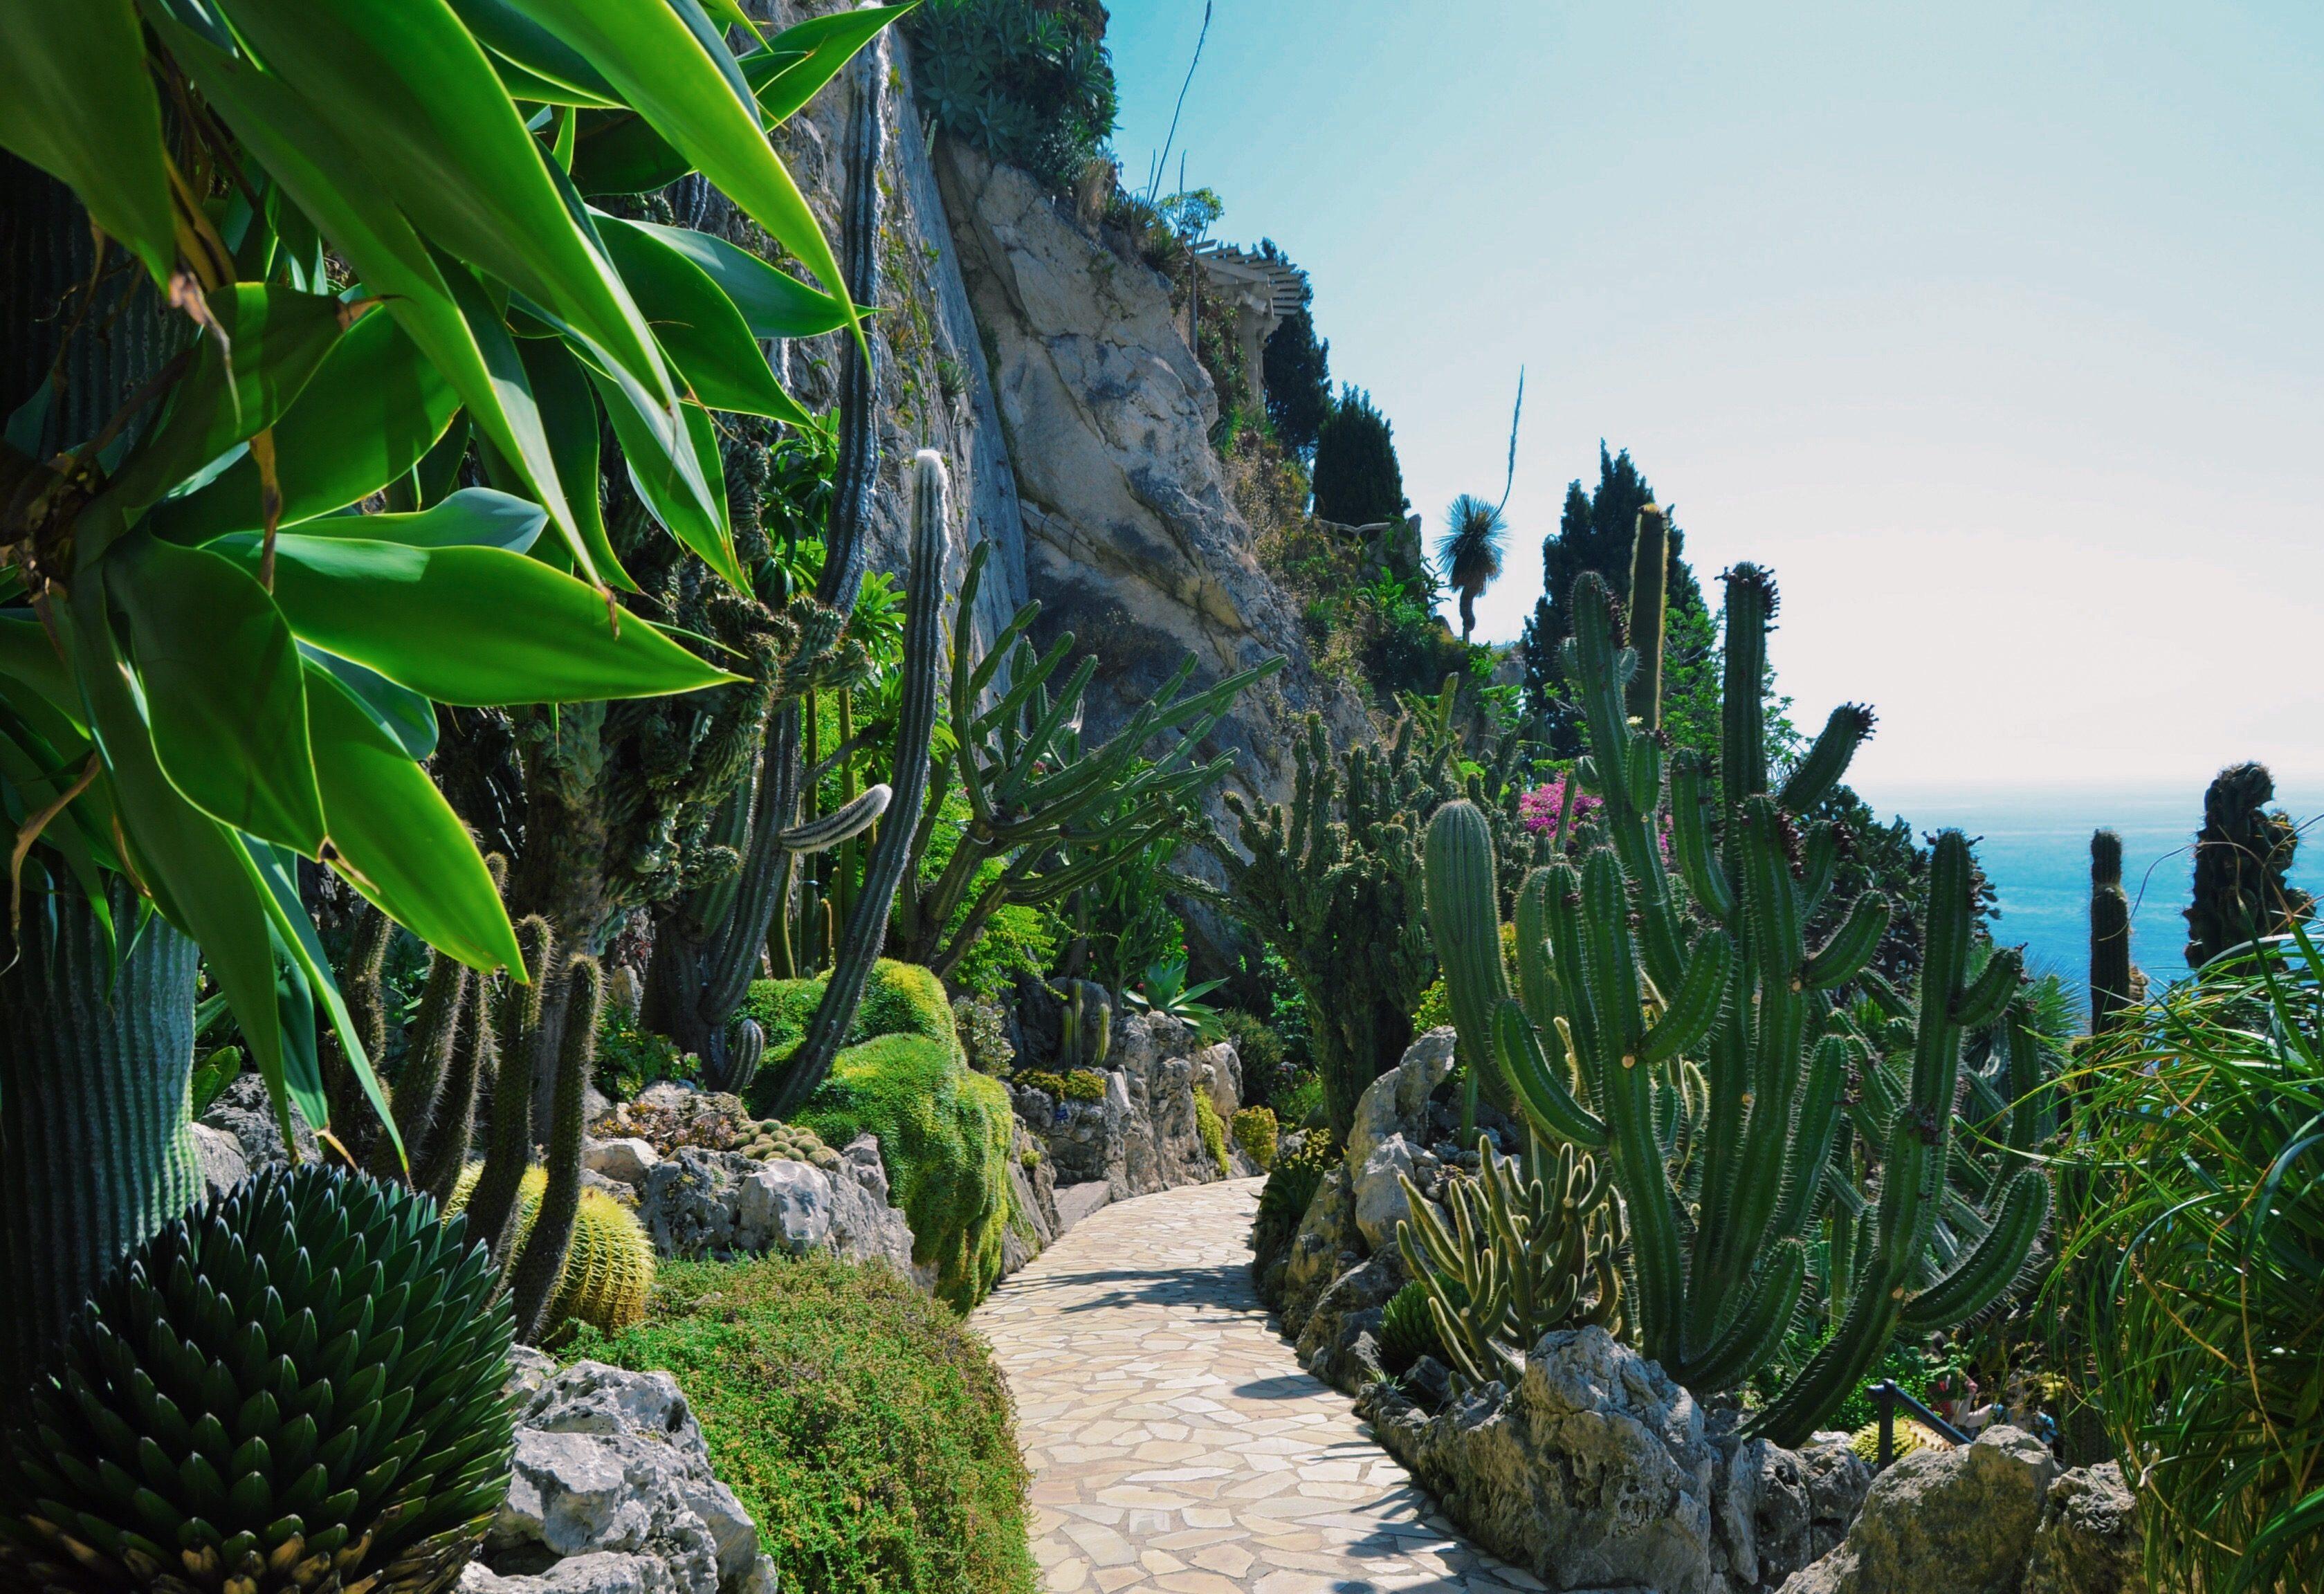 monaco-jardin-exotique-une-semaine-a-nice-blog-voyage-les-ptits-touristes